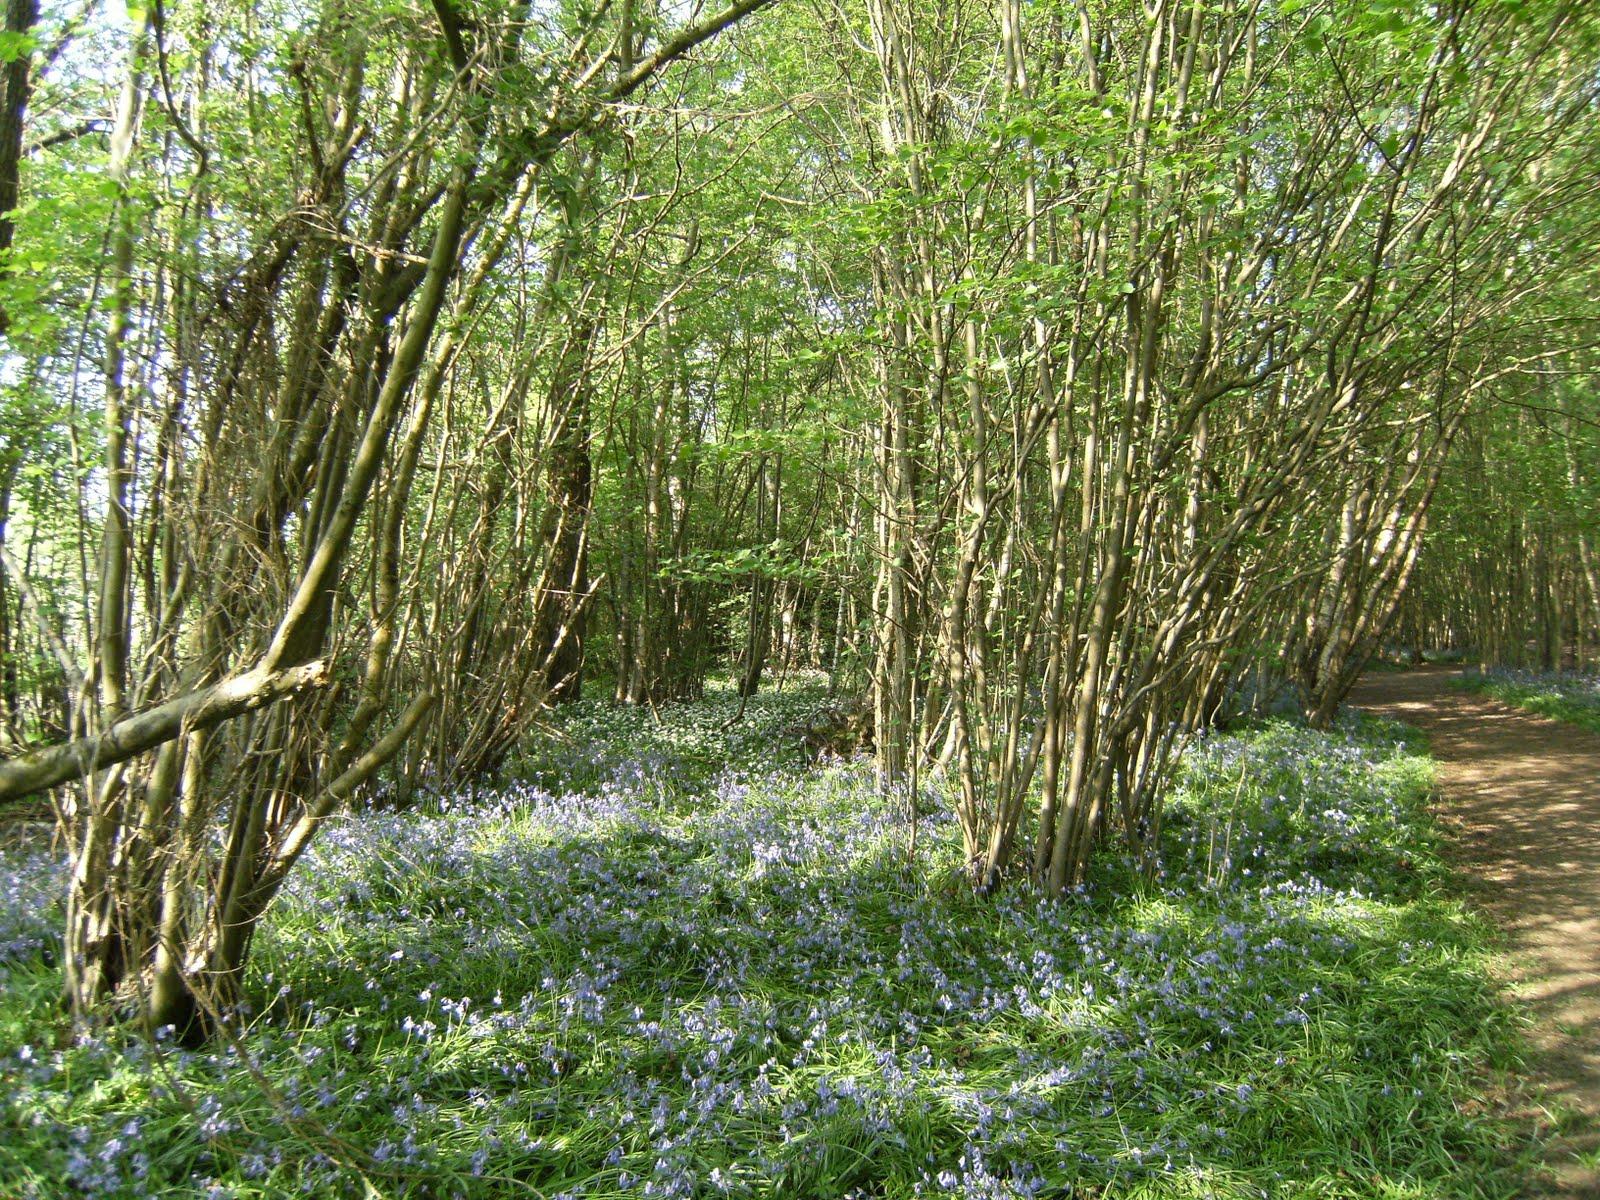 DSCF7490 Bluebells in Birchden Wood